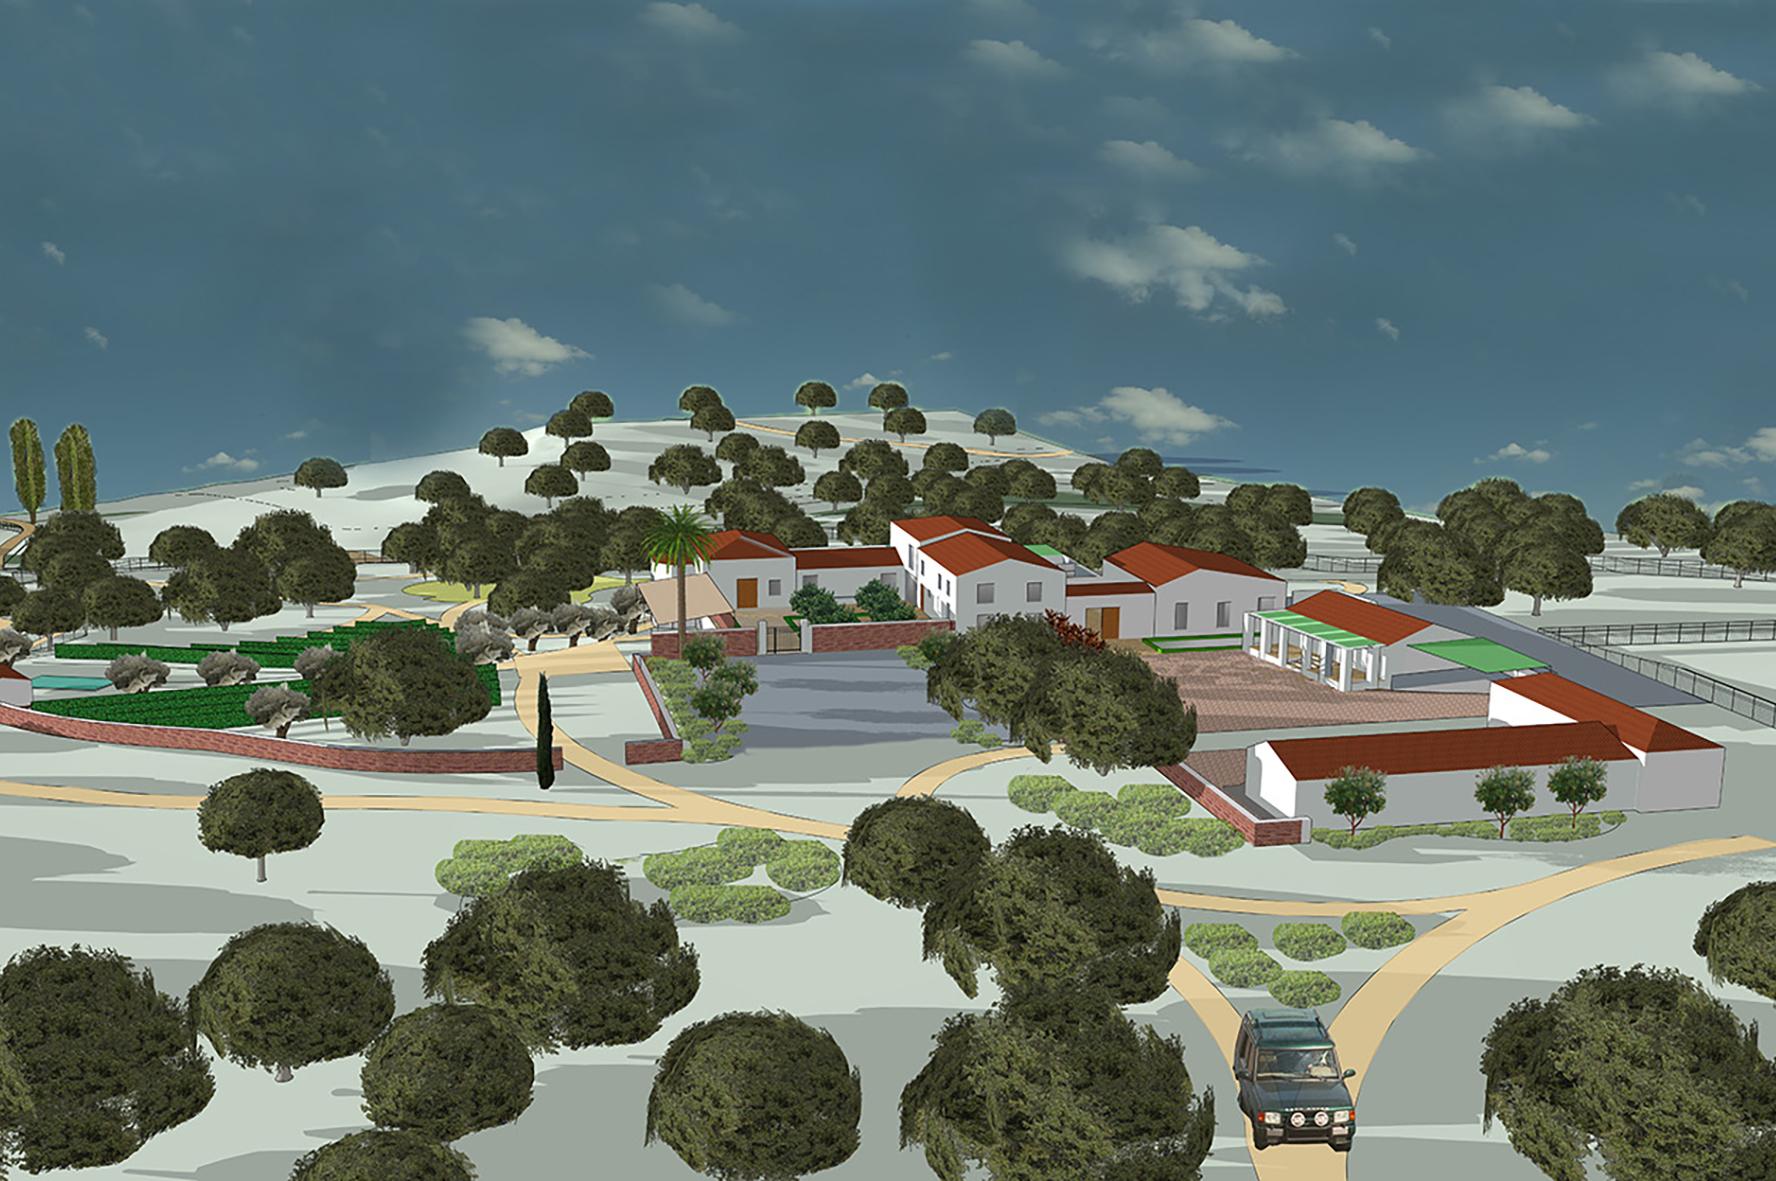 Badajoz 2018 - El espacio objeto de este proyecto tiene una identidad profundamente marcada por su localización en la dehesa y por el carácter de la edificación, anterior y actual, que permite la posibilidad de crear un espacio multifuncional integrado en el medio.